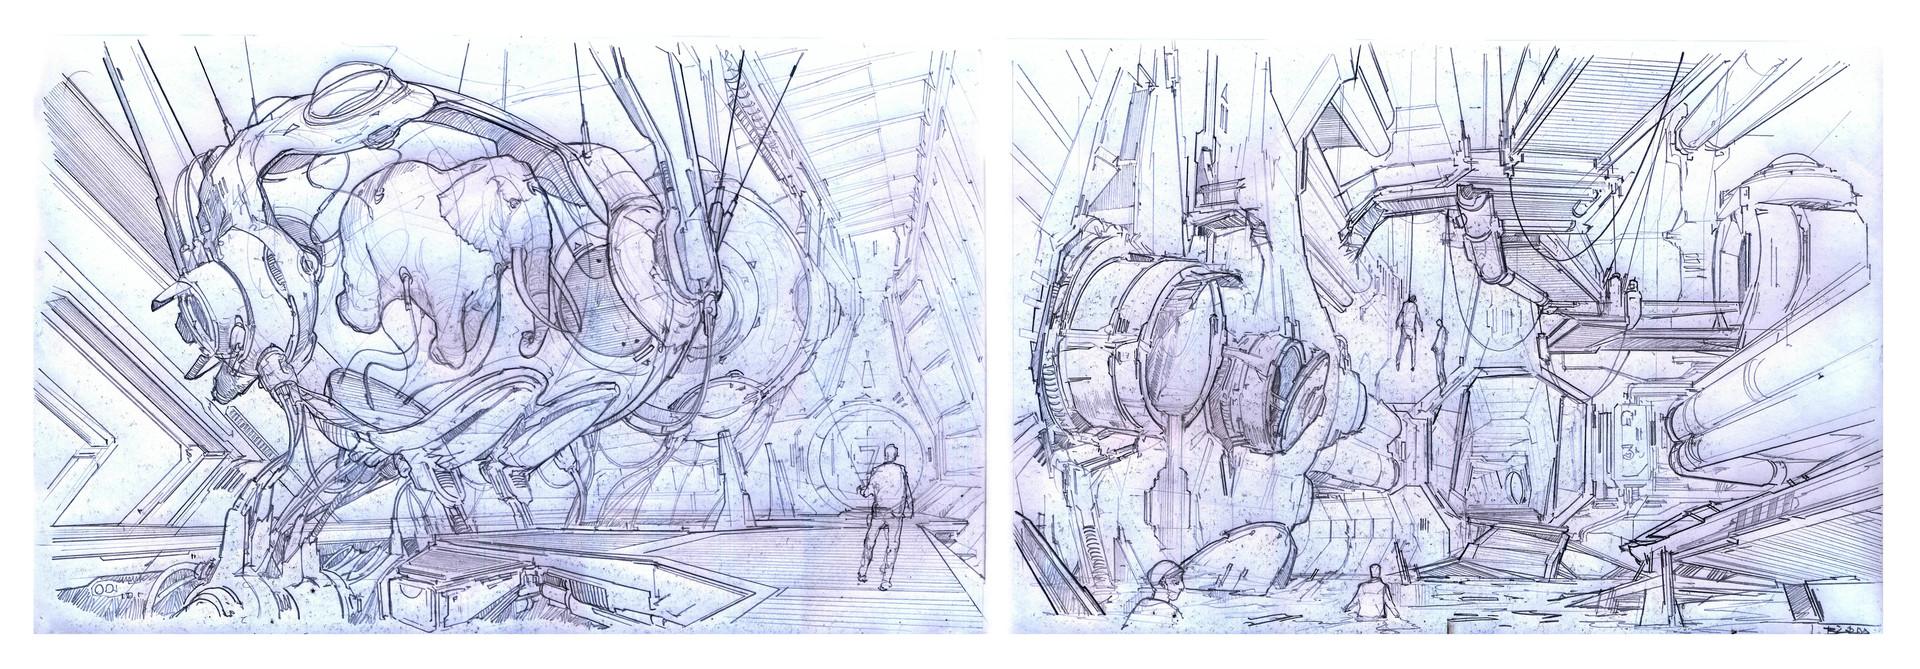 Alejandro burdisio bocetos exile area criogenia2 y varios